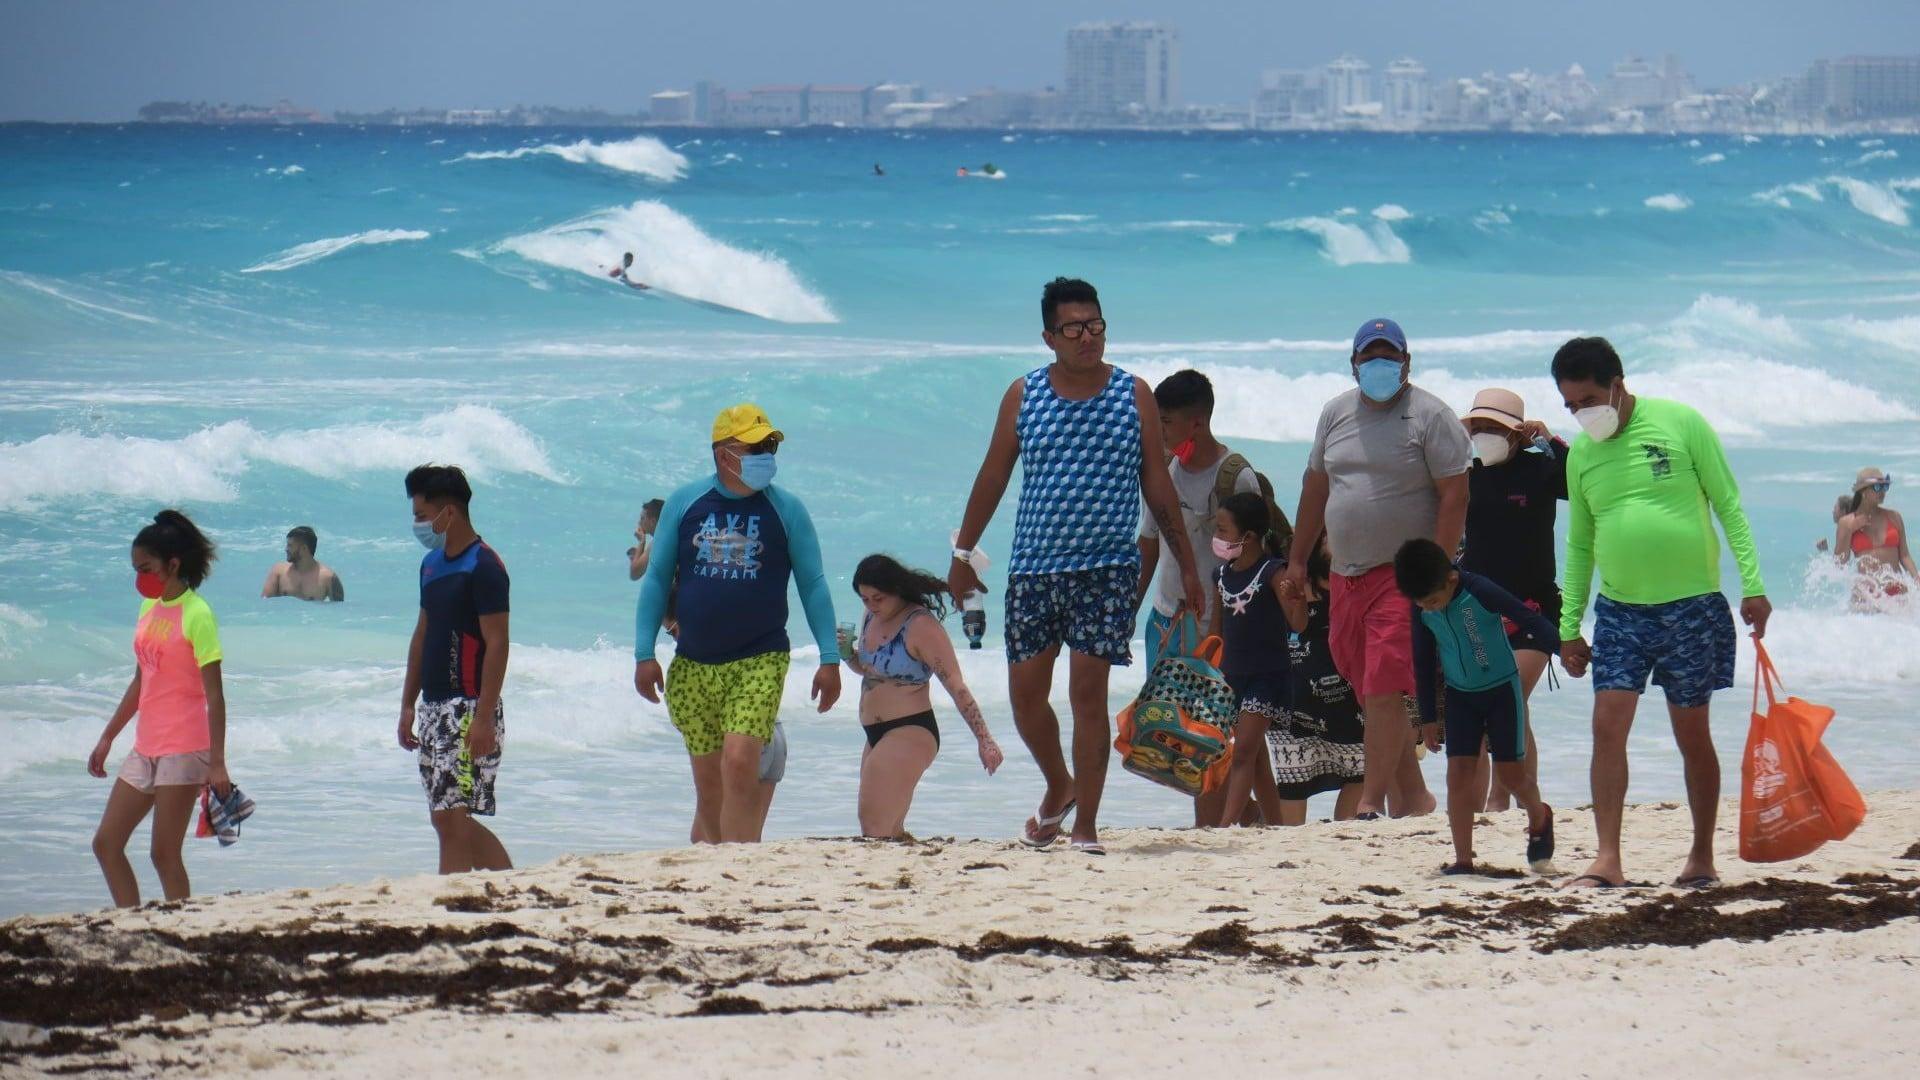 Secretaría de Turismo alerta por fraudes en promociones de viajes baratos